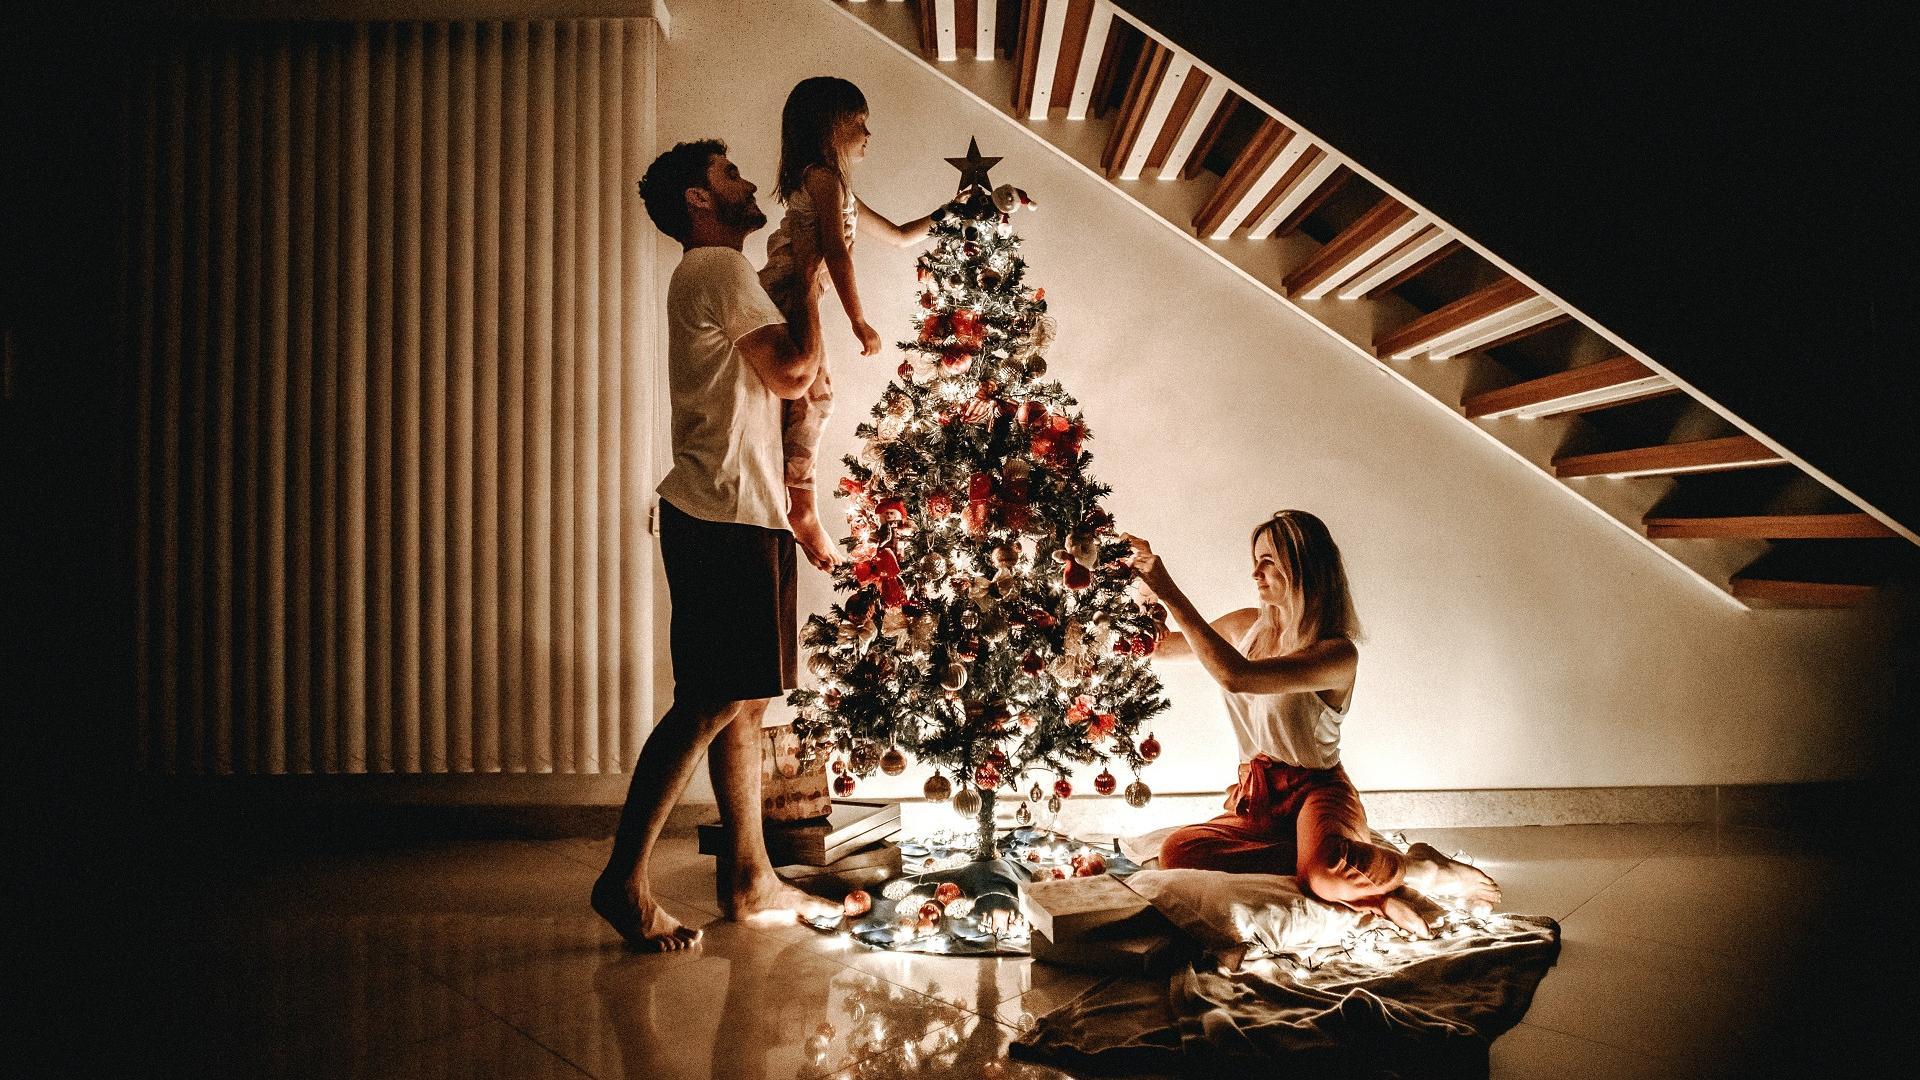 familie zu Weihnachten familienplanung